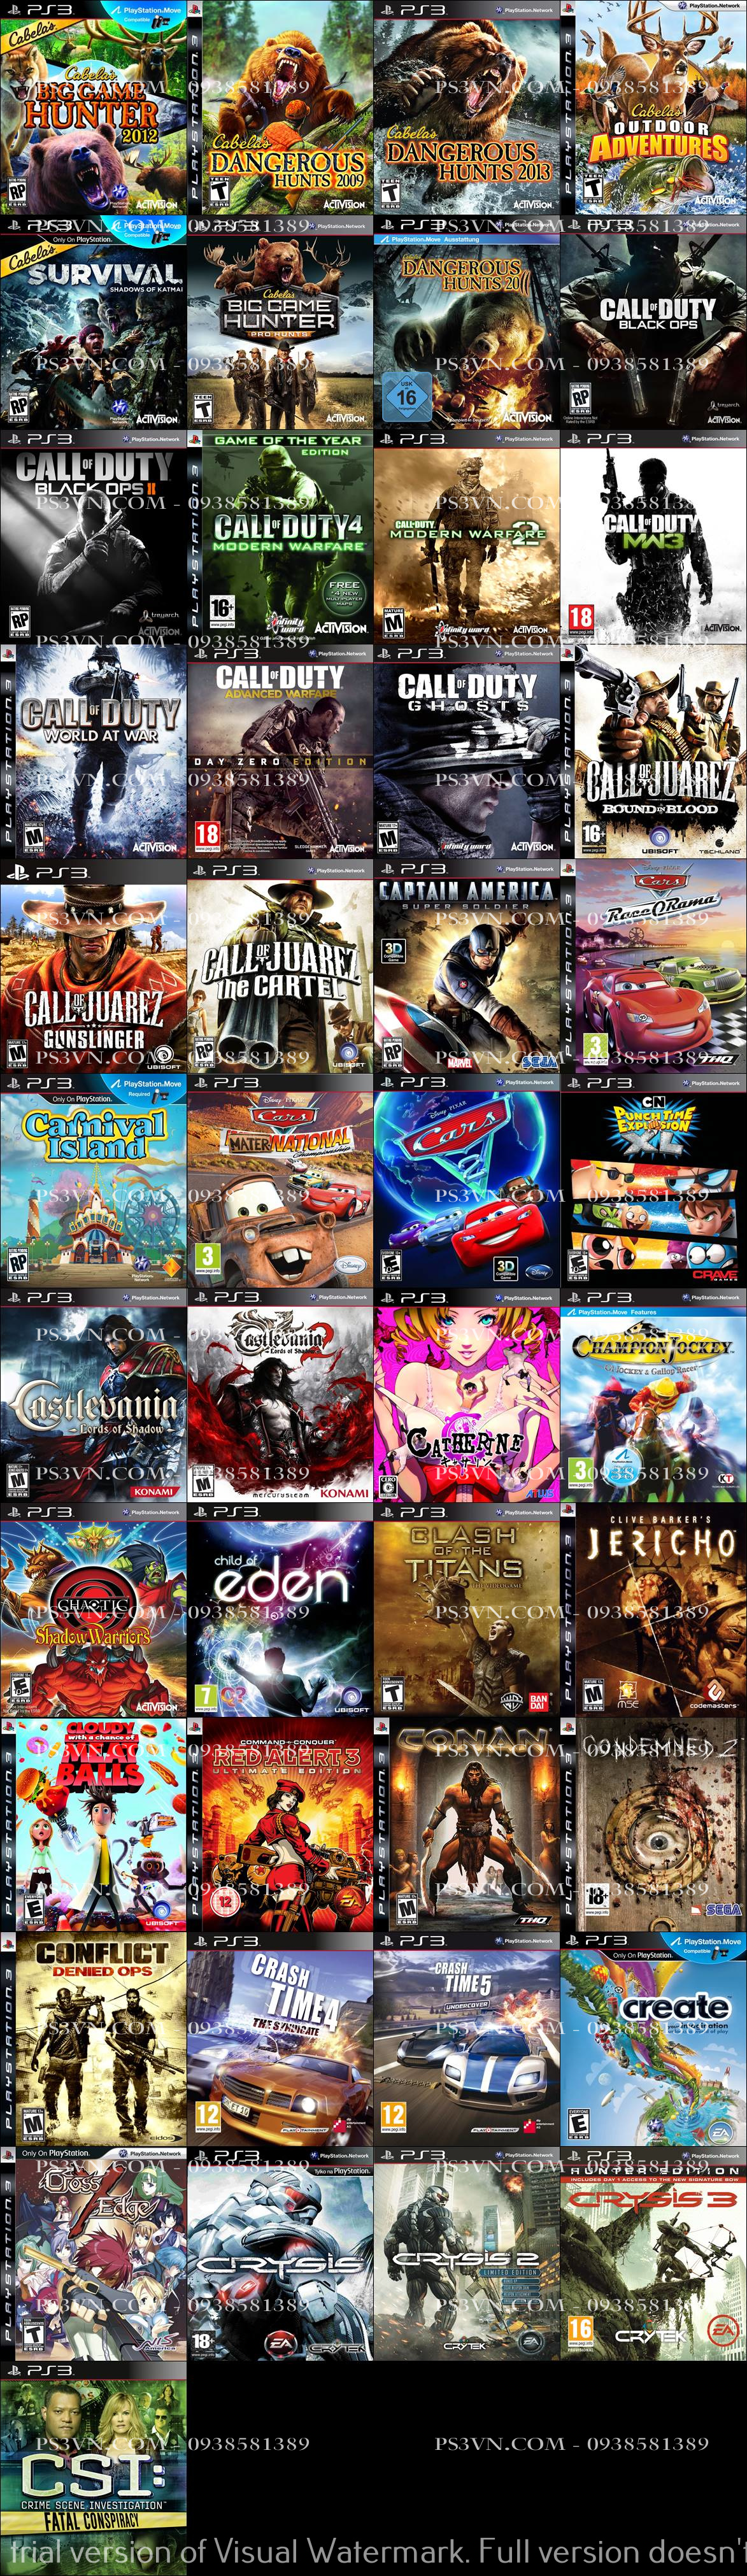 Chép Game PS3 tại nhà giá rẻ nhất TPHCM - PS3VN.COM - 7